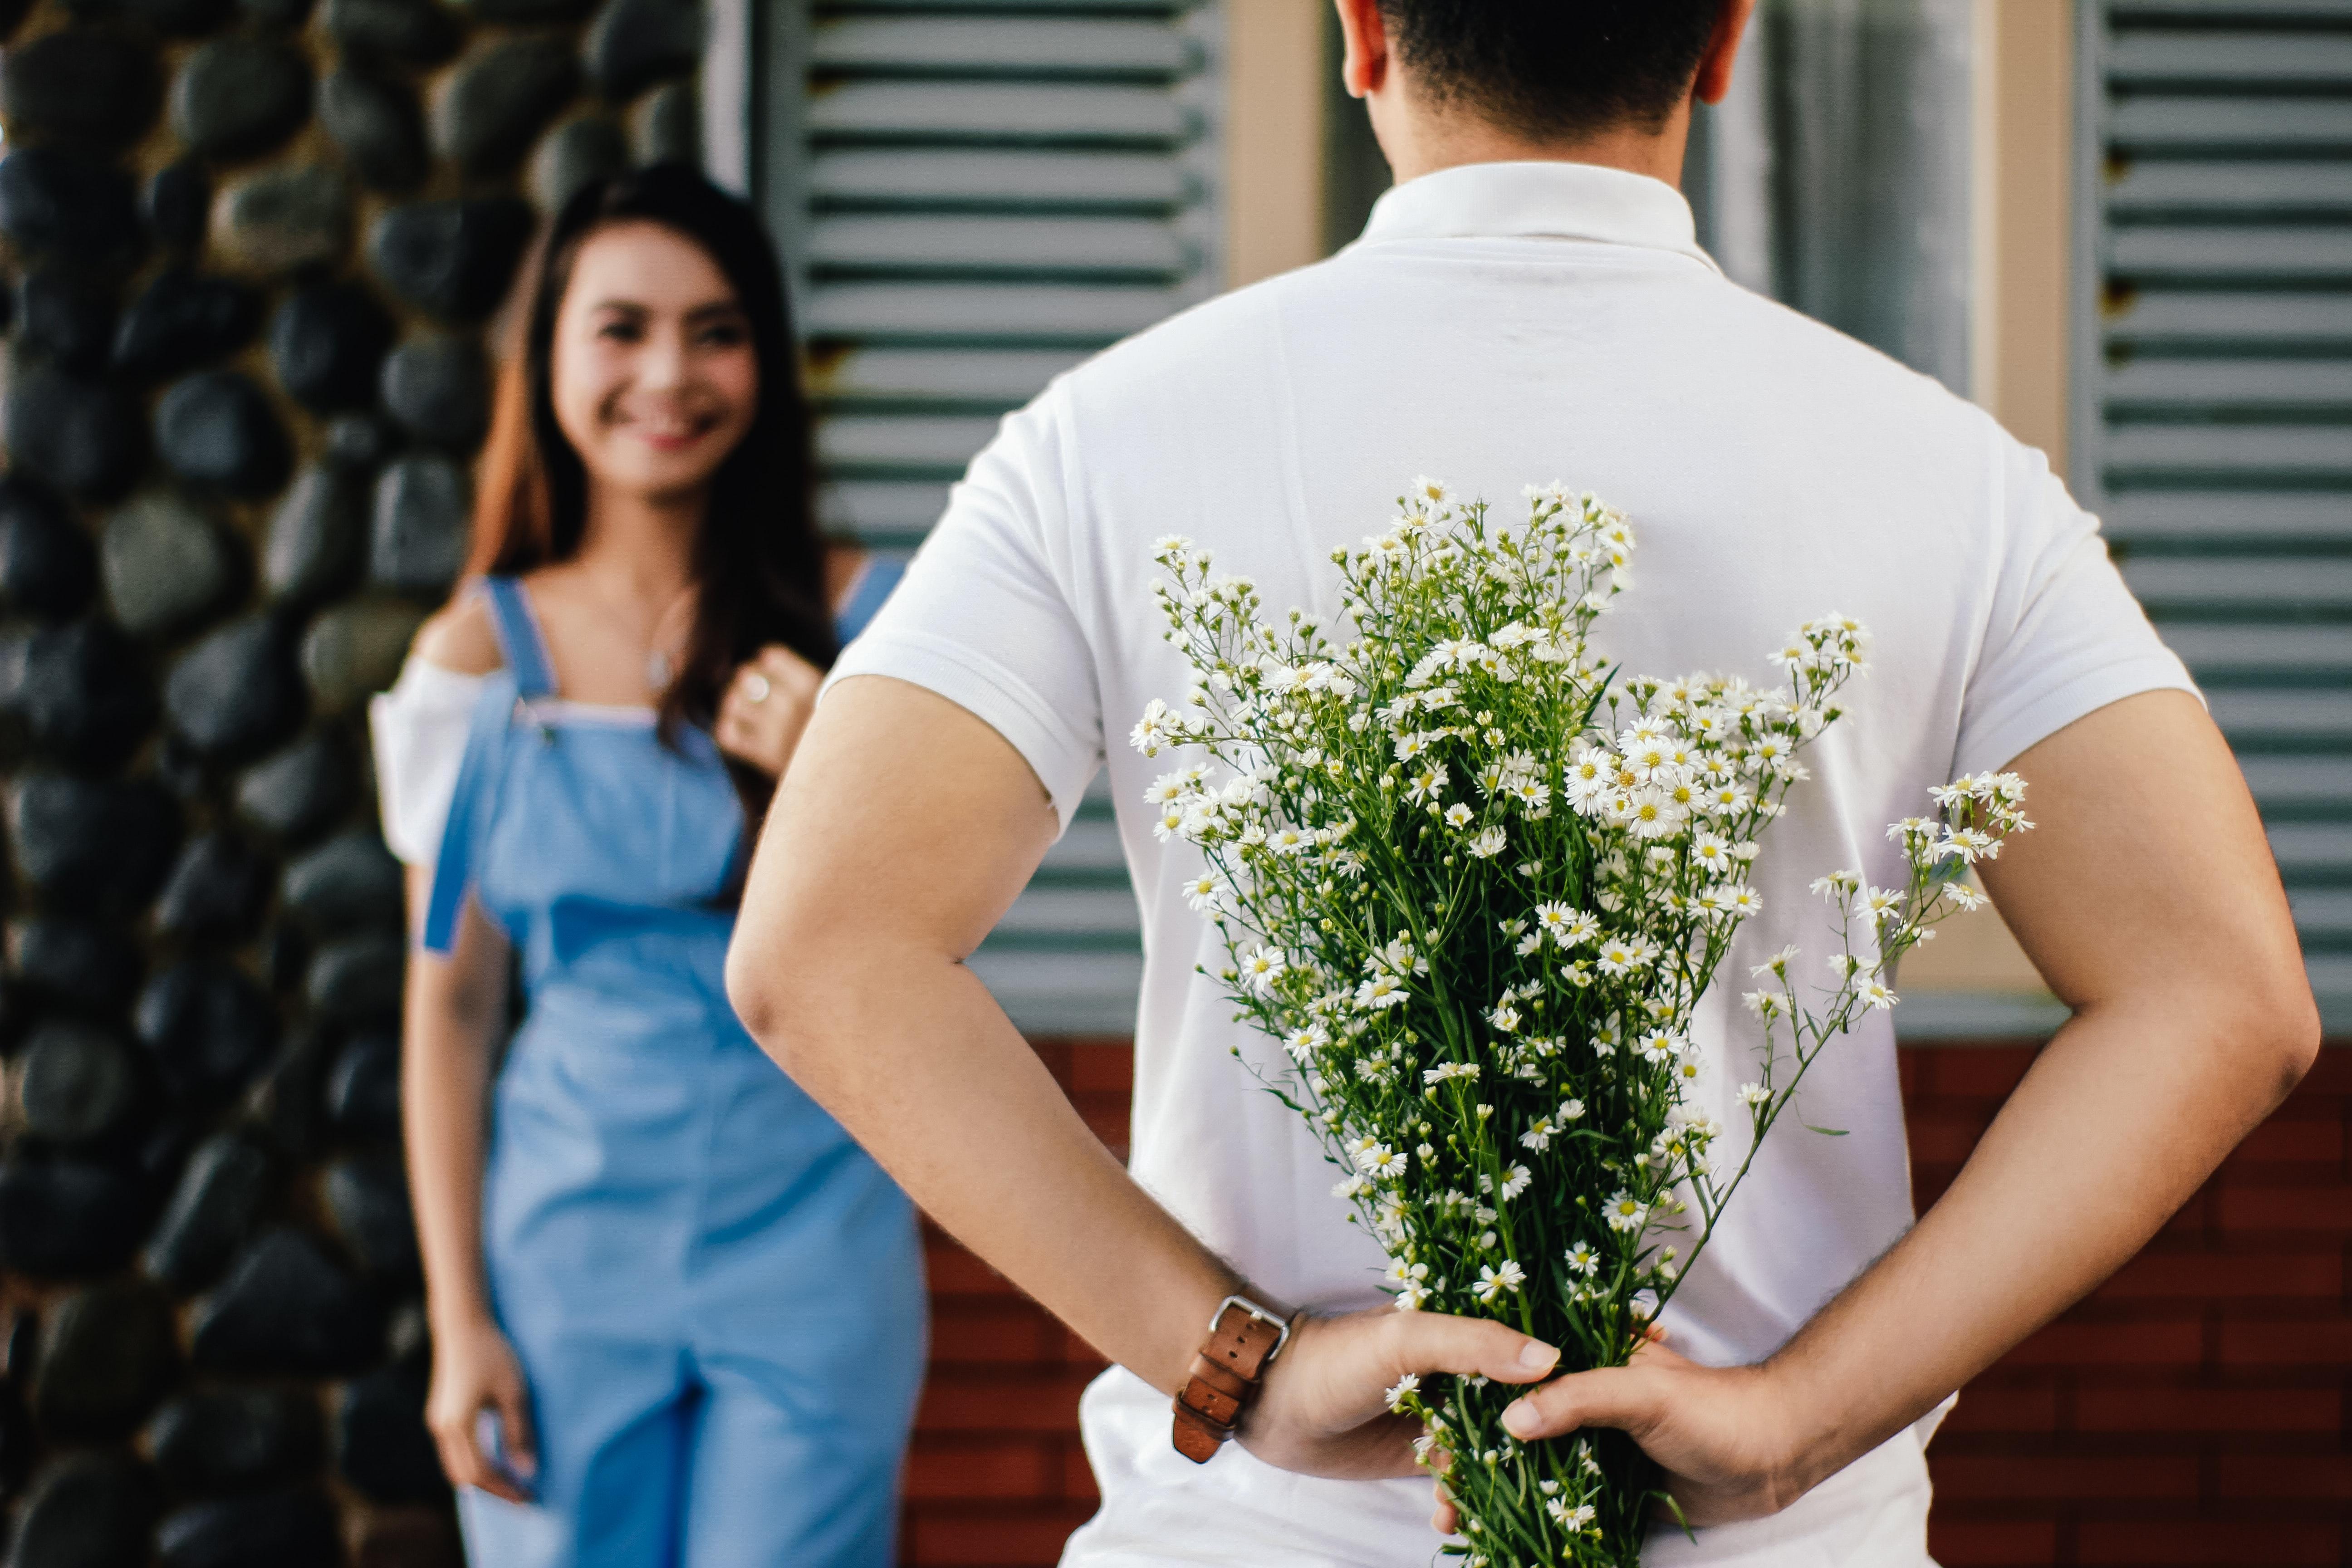 quel cadeau offrir pour la surprendre, idee cadeau pour votre conjointe, femme au t shirt blanc et combinaison bleu